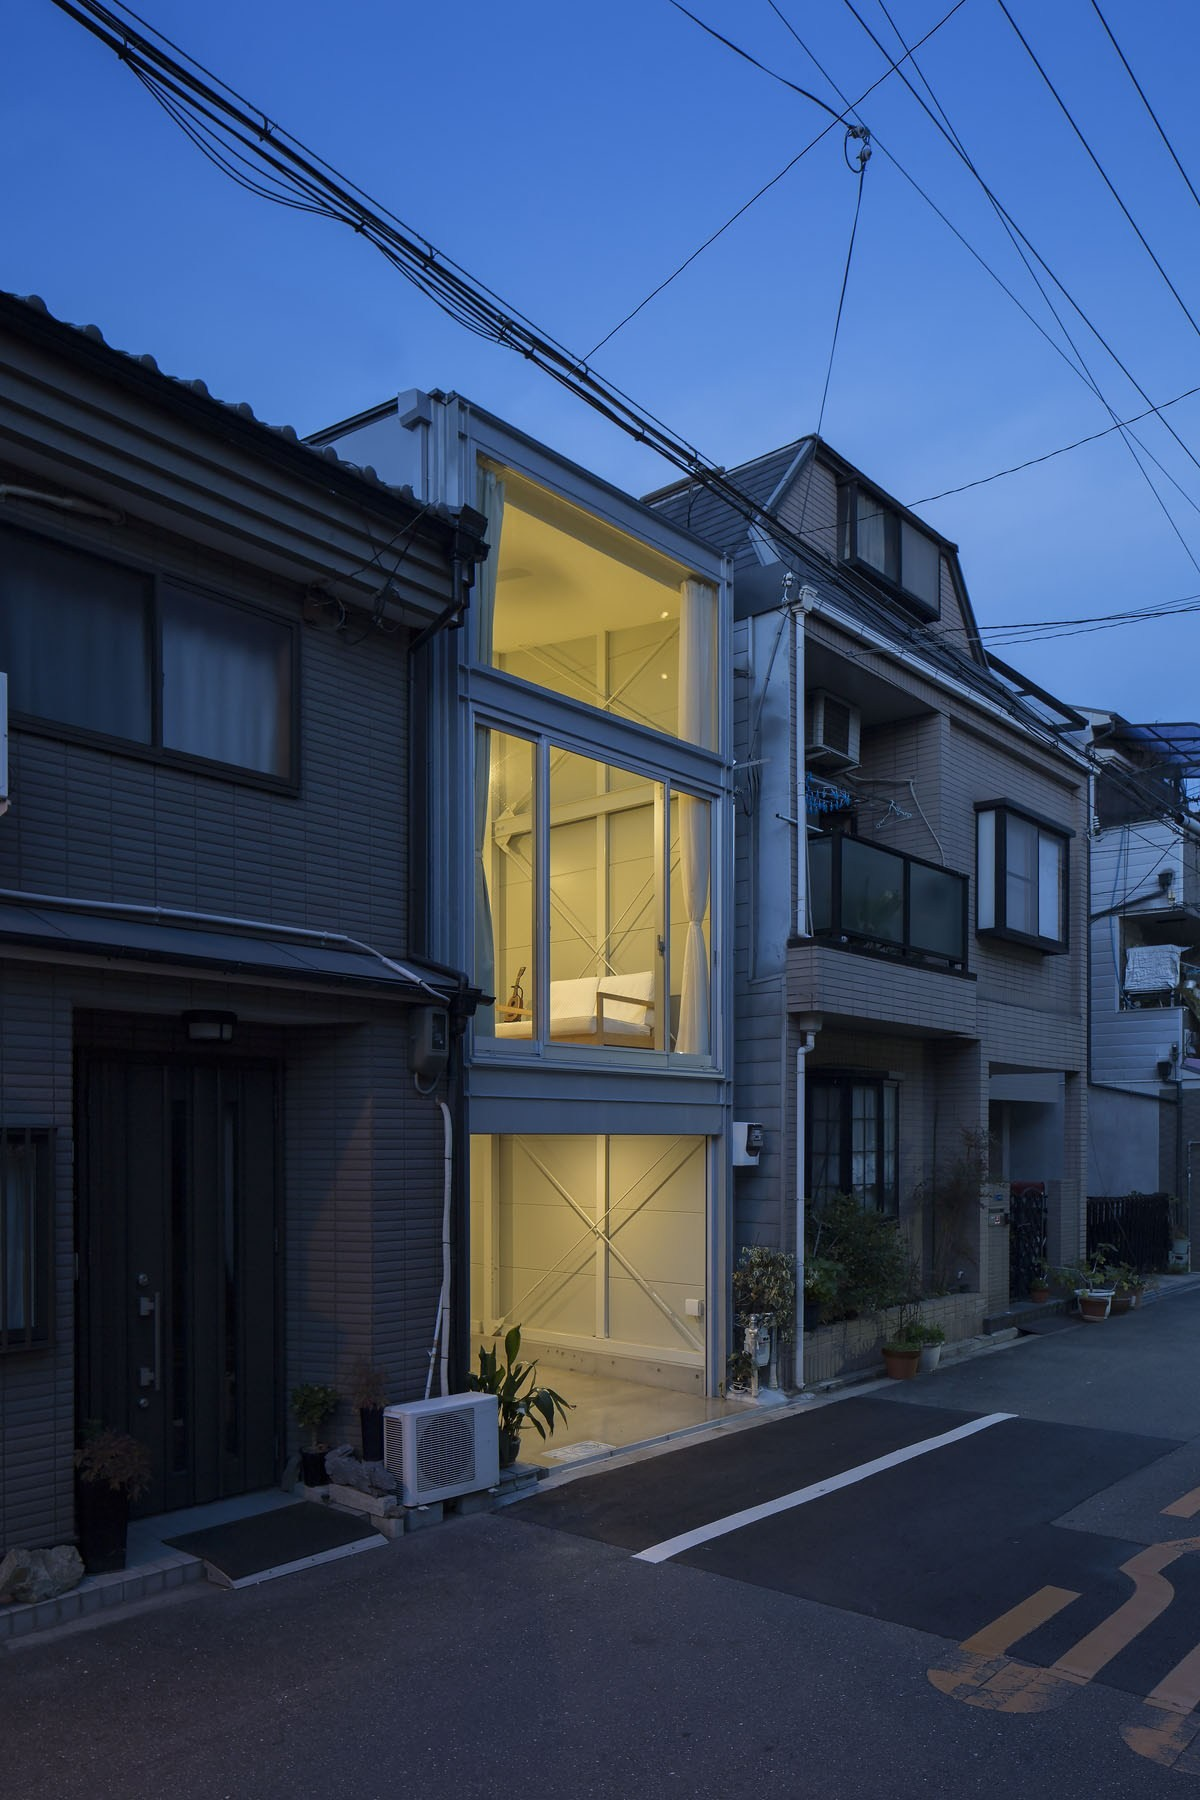 外観事例:夕景(『』の家|鉄骨狭小スキップフロアのガレージハウス【大阪市】)